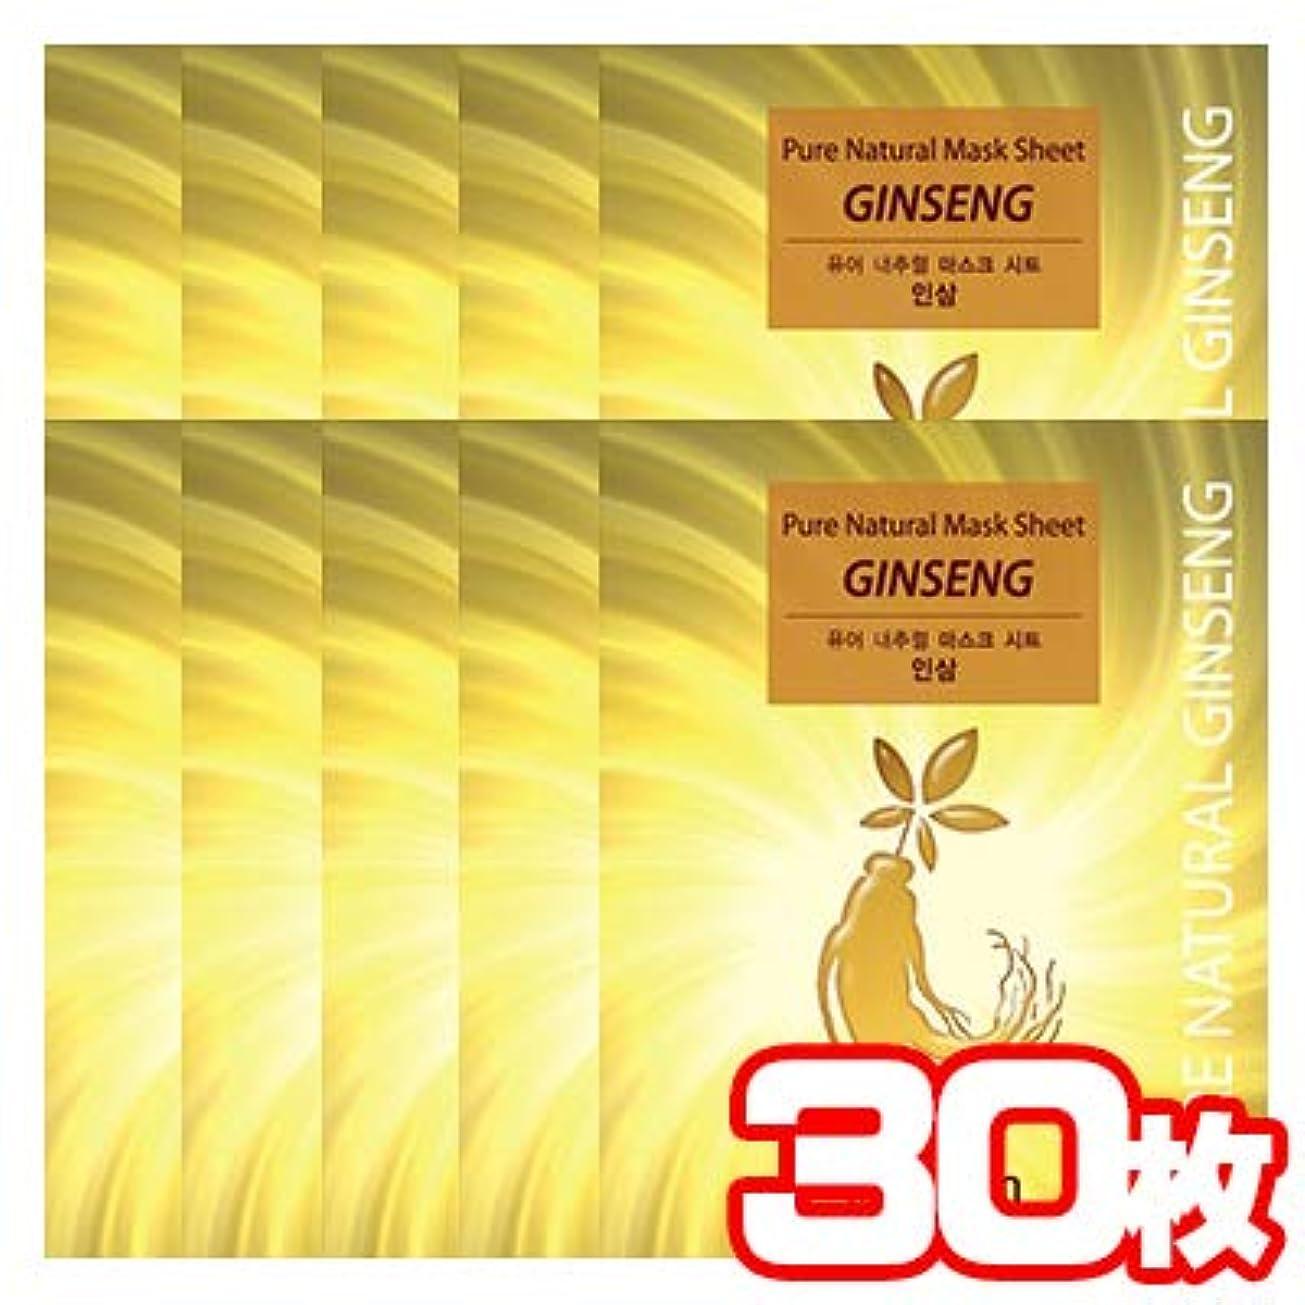 返還幸福スポークスマンザセム ピュア ナチュラル マスクシート 3類 Pure Natural Mask Sheet 20mlx30枚 (高麗人参(30枚))